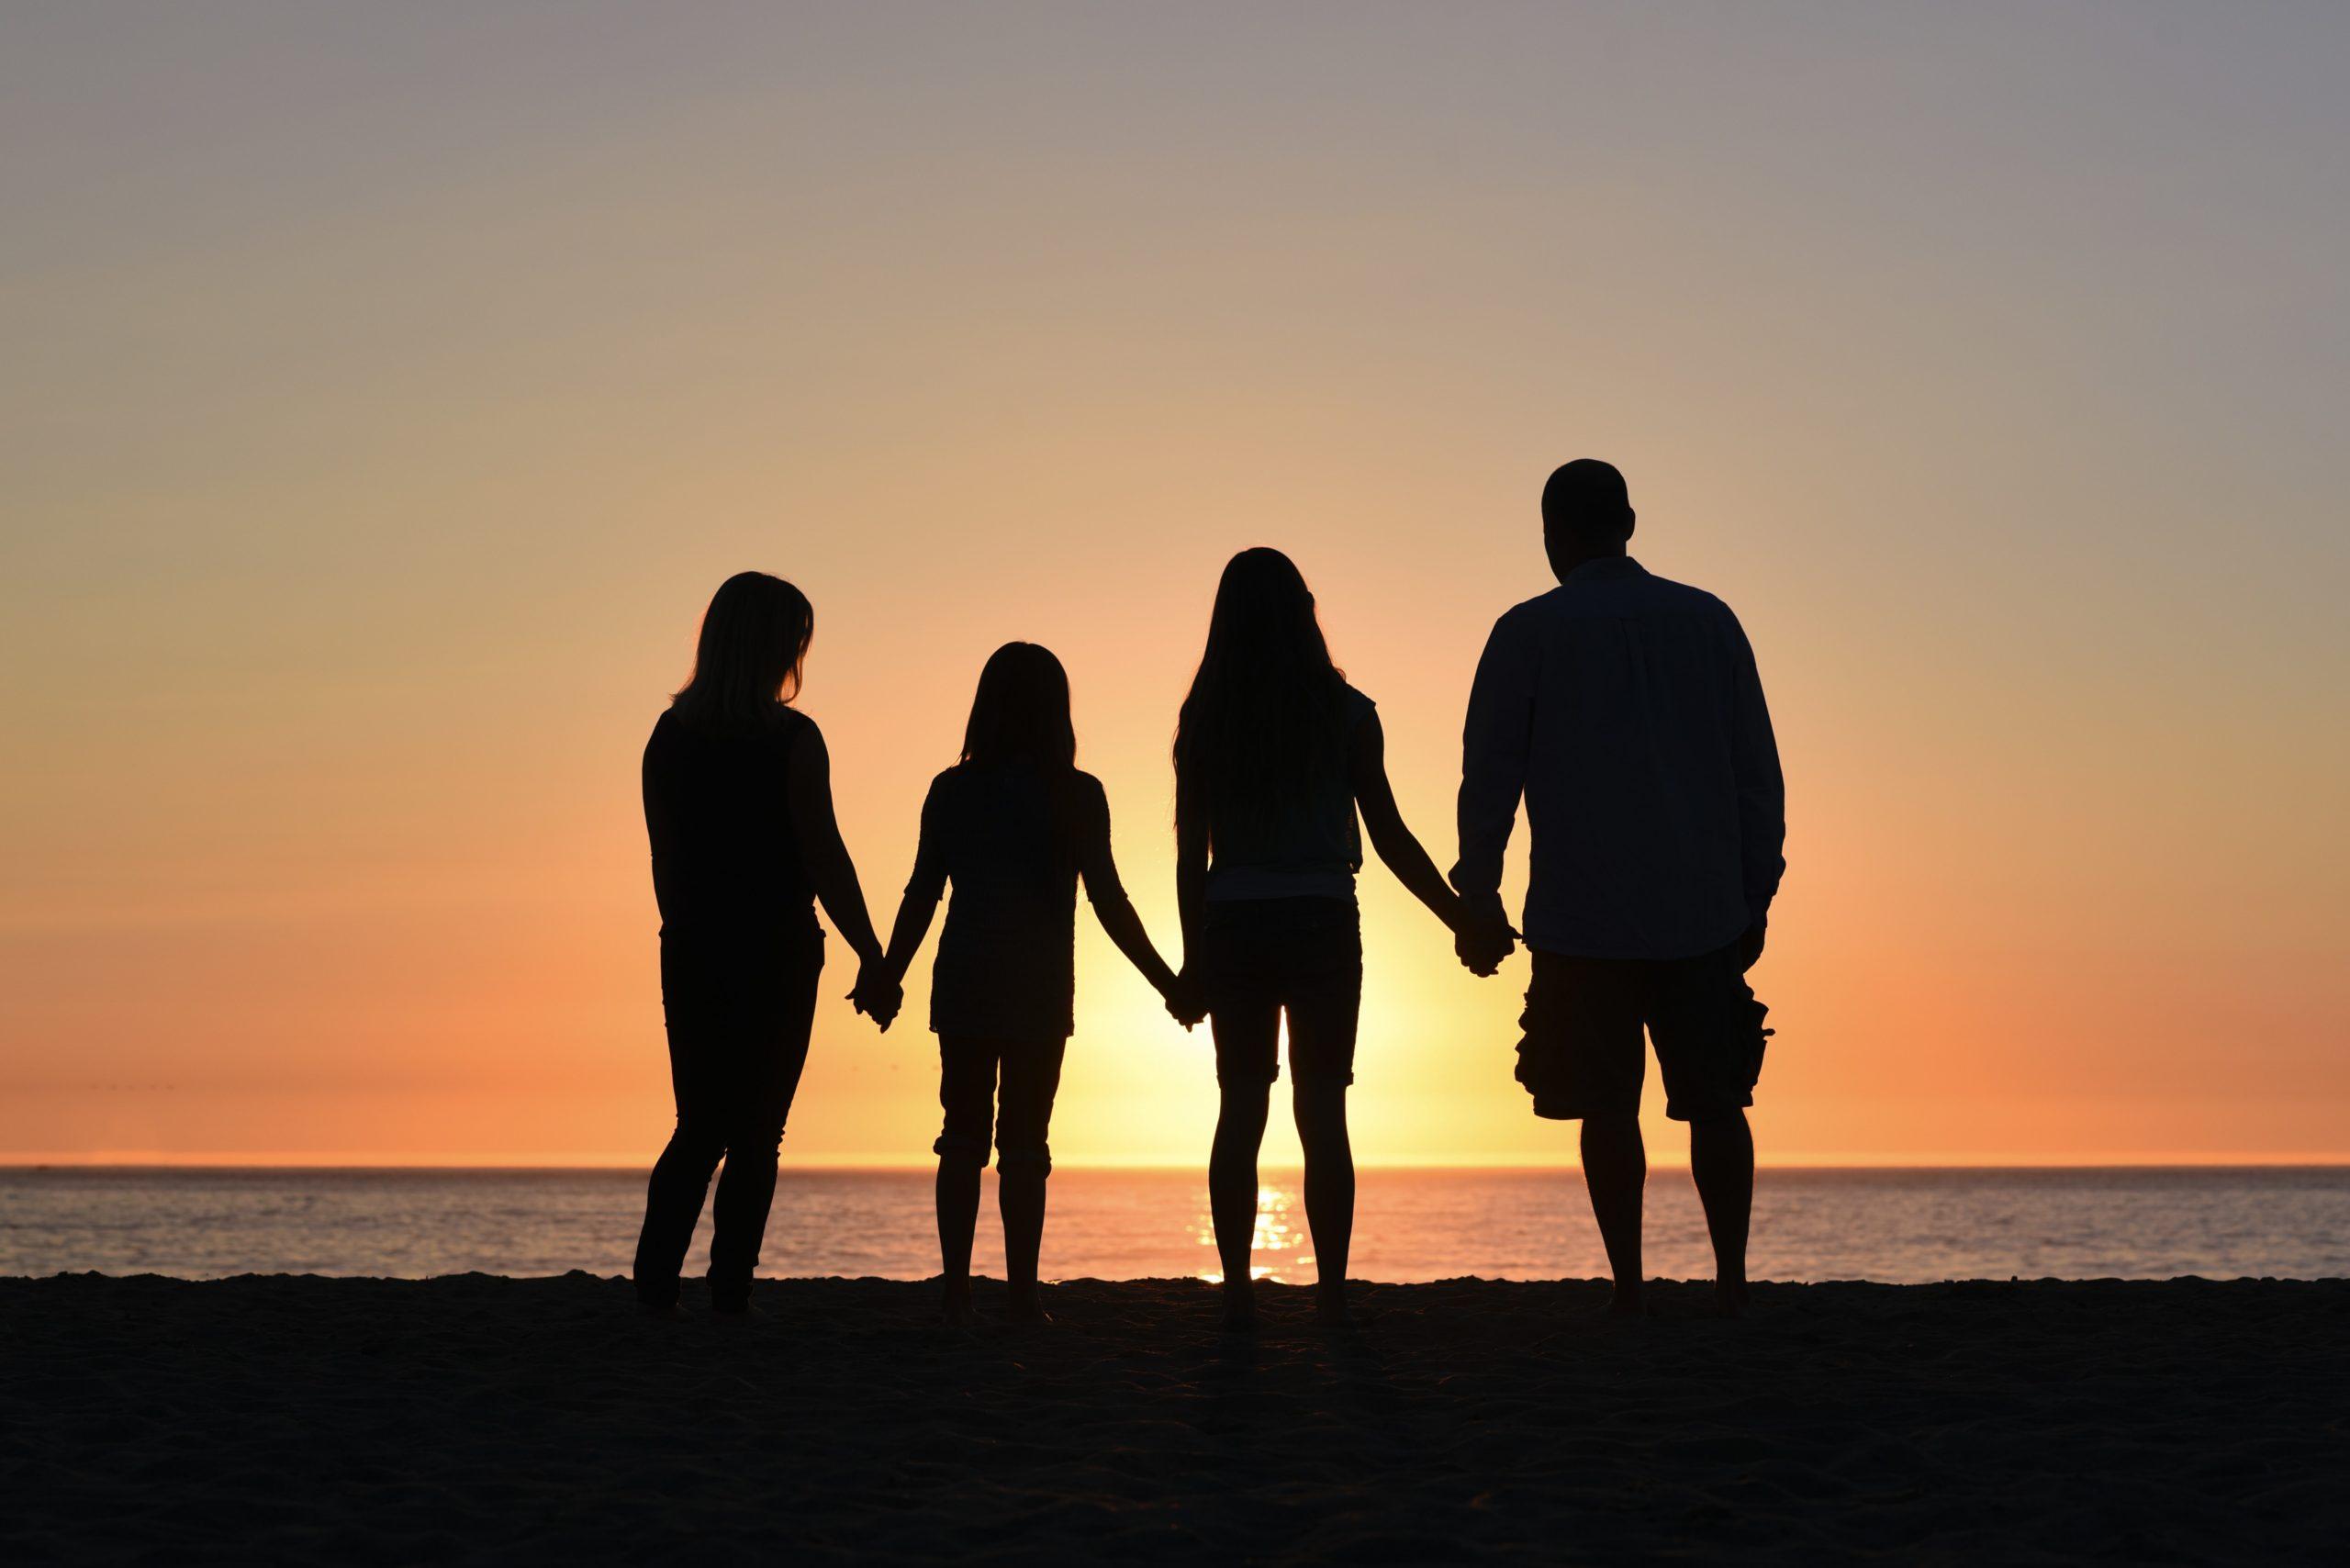 精神障害者保健福祉手帳を入手して転職を有利に進めたい家族